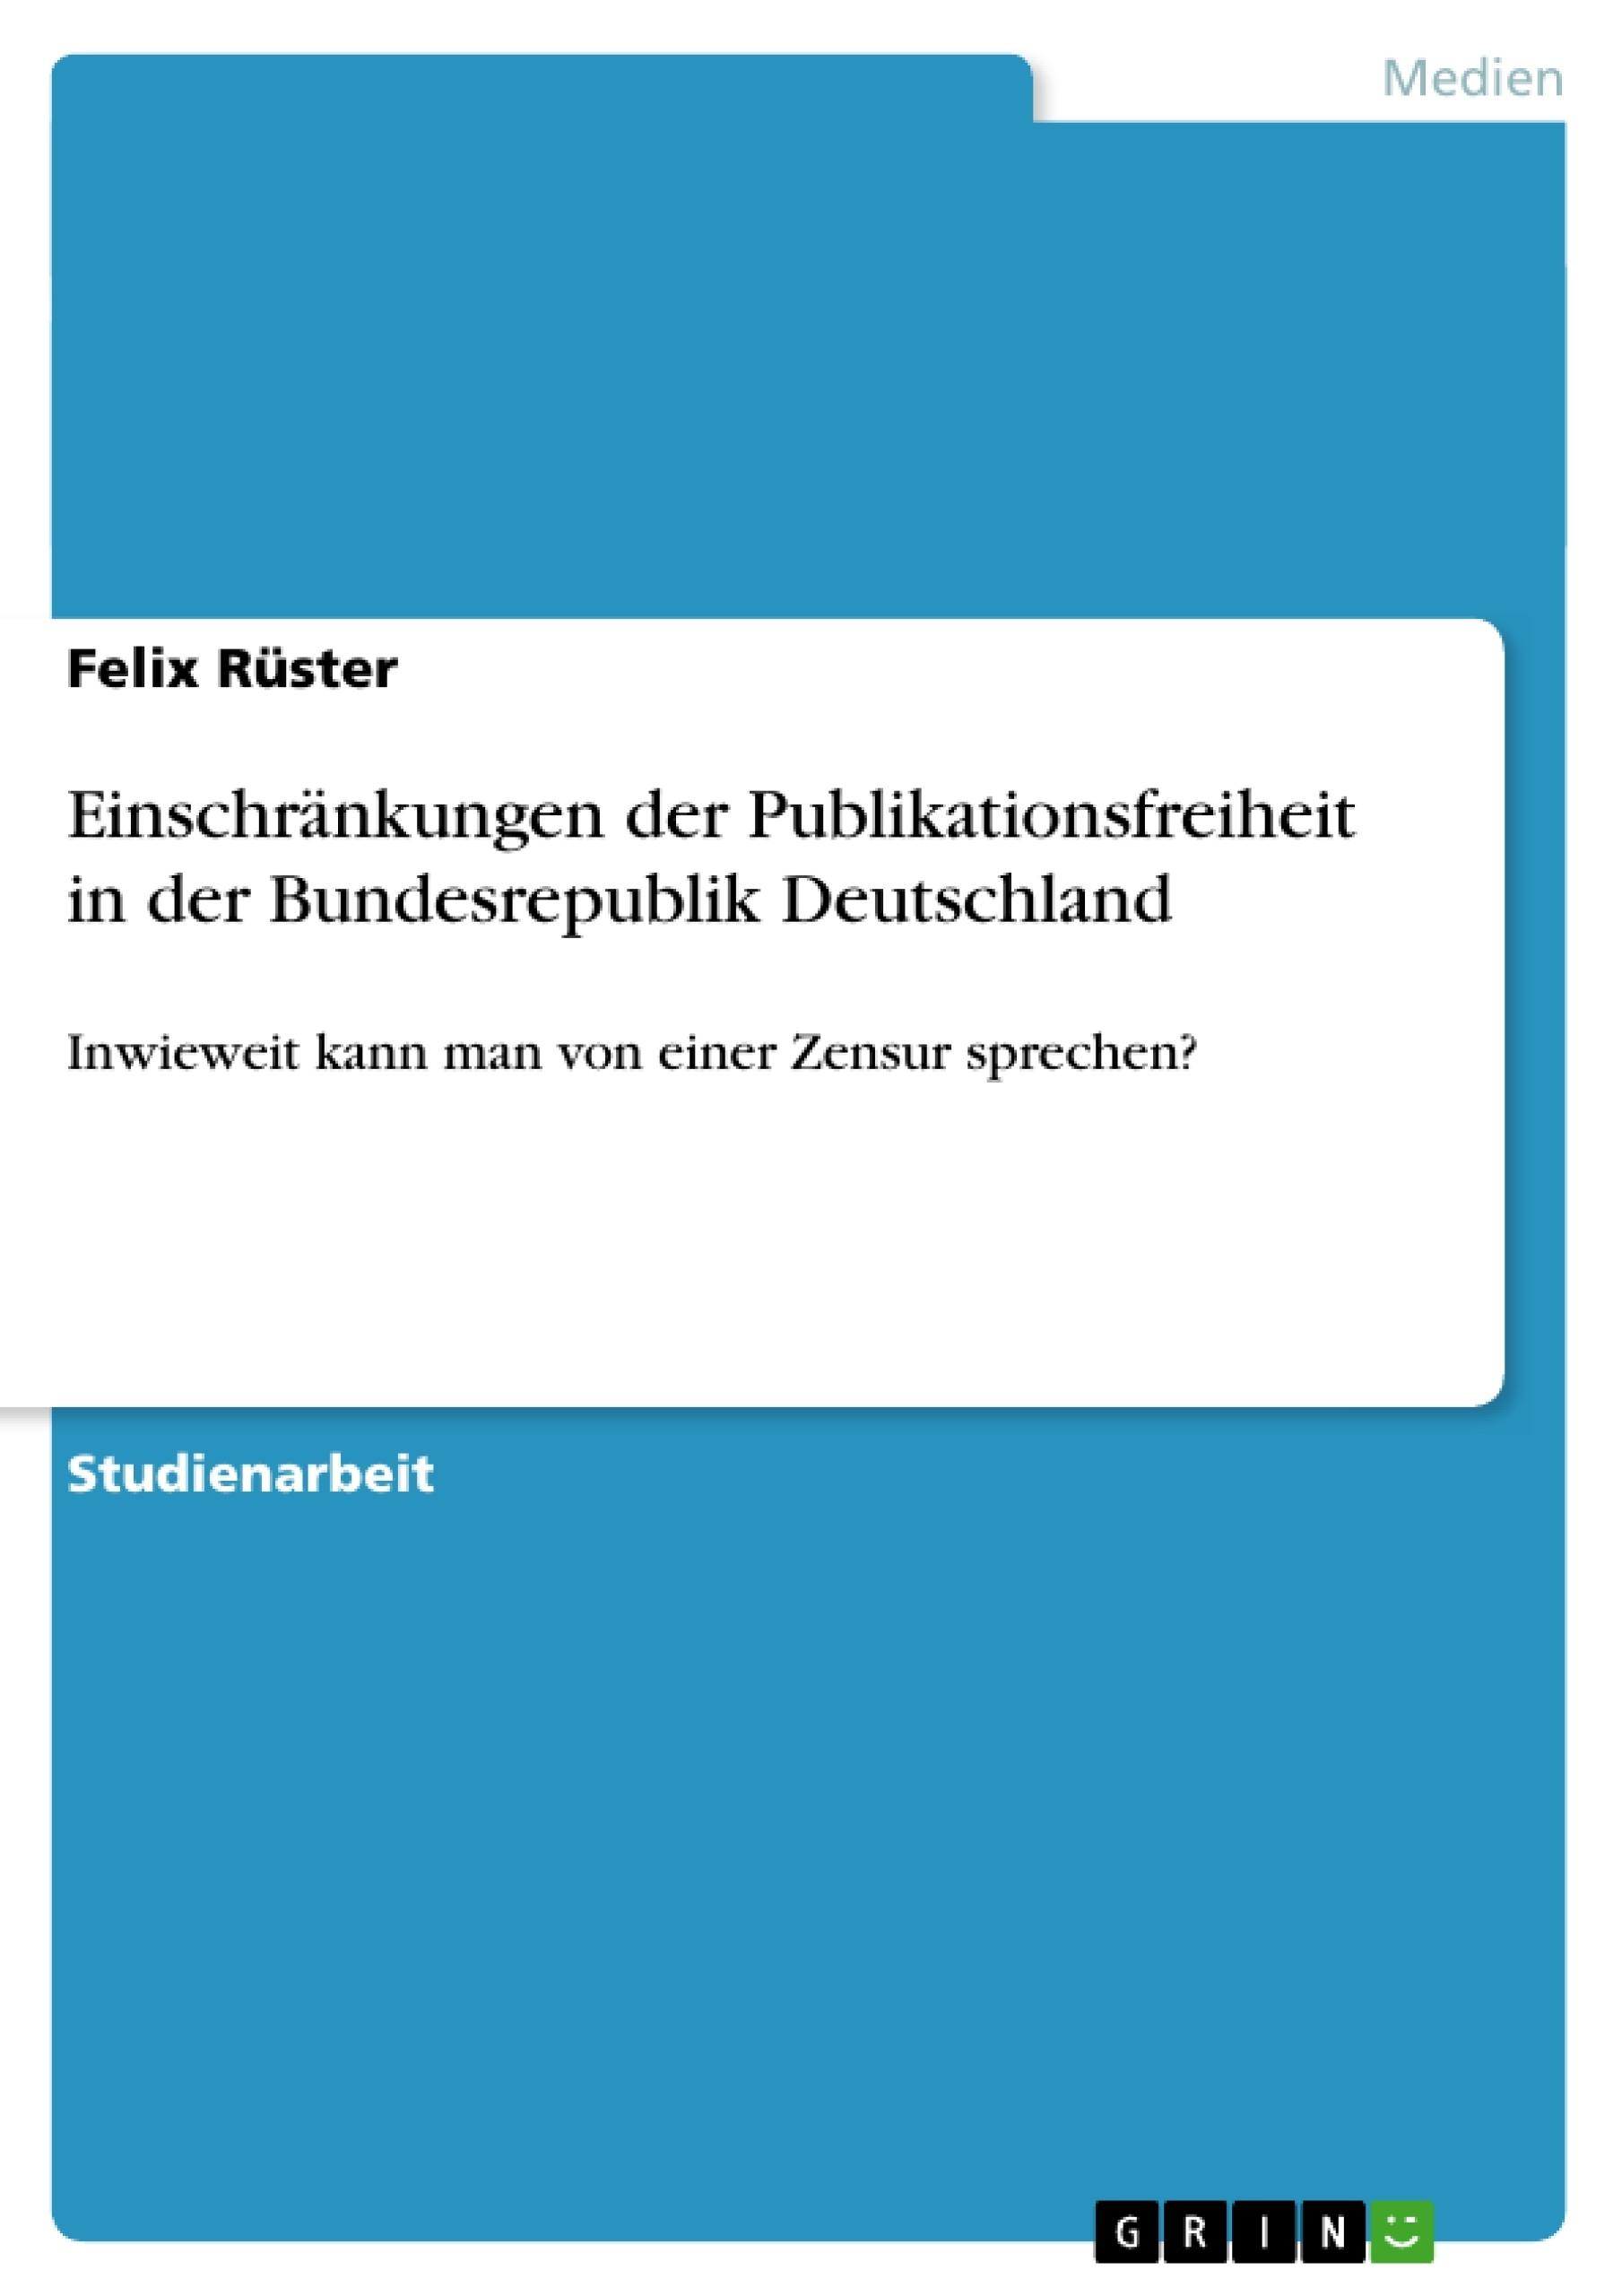 Titel: Einschränkungen der Publikationsfreiheit in der Bundesrepublik Deutschland